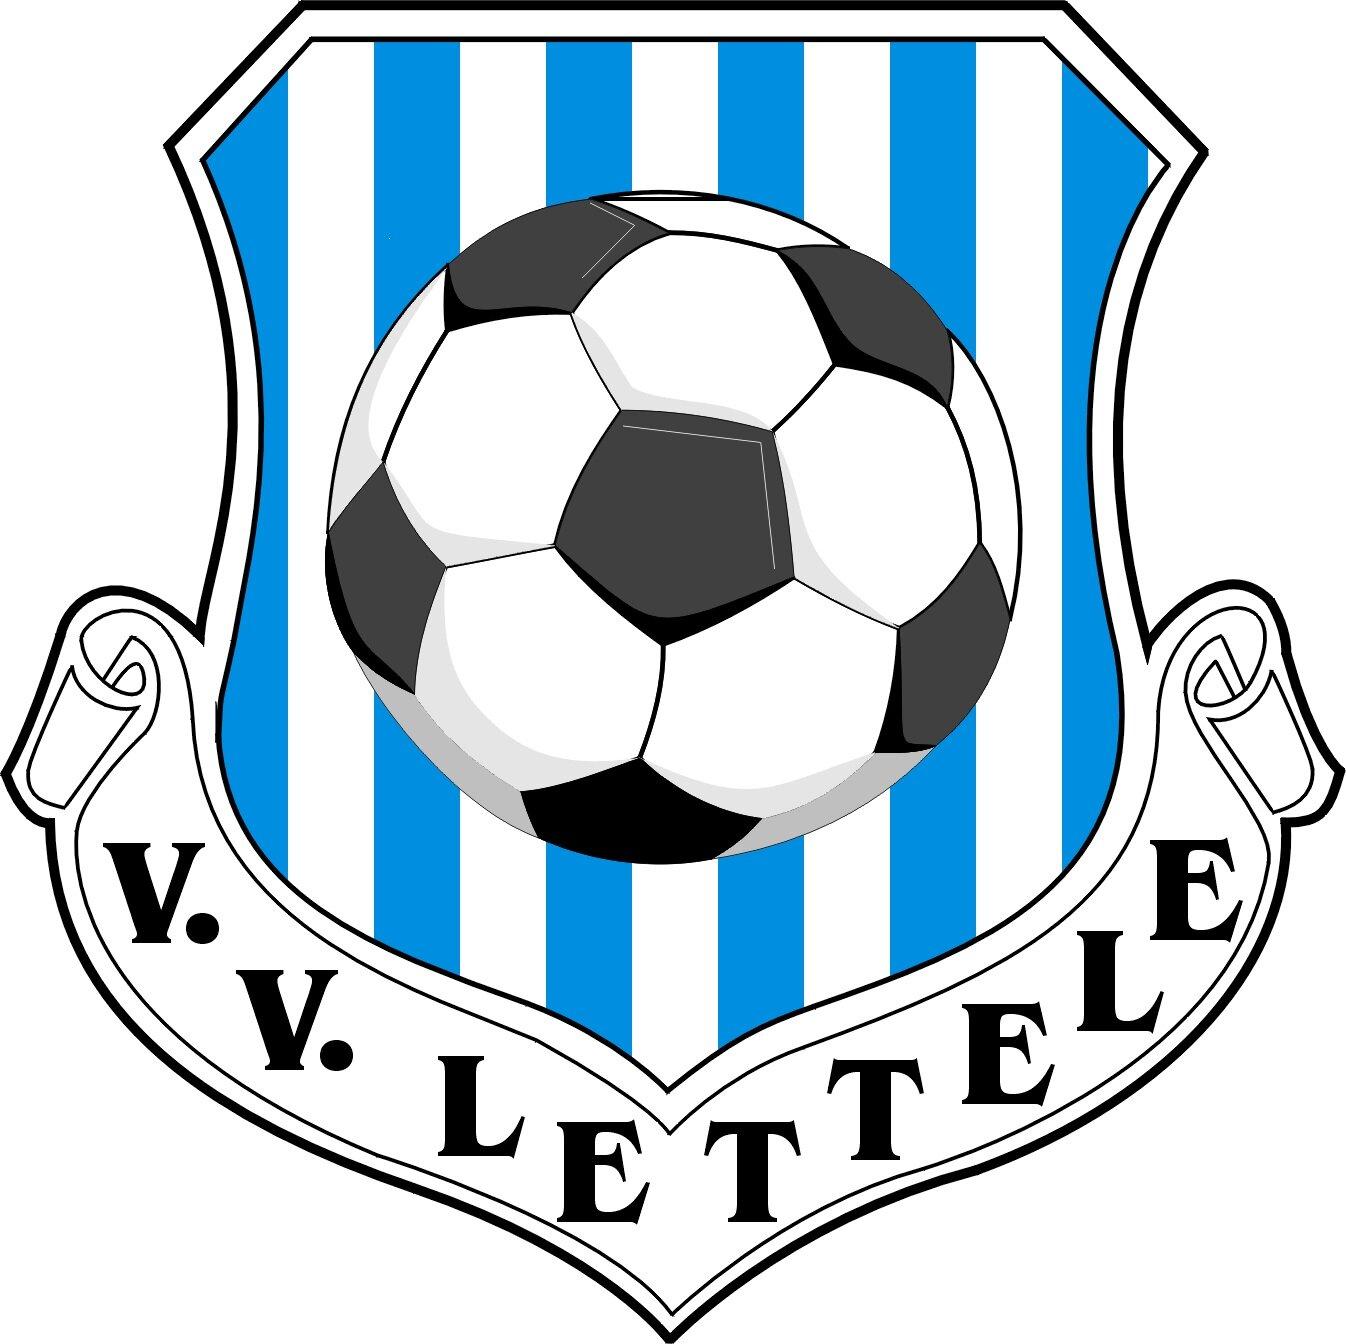 Lettele voetbal